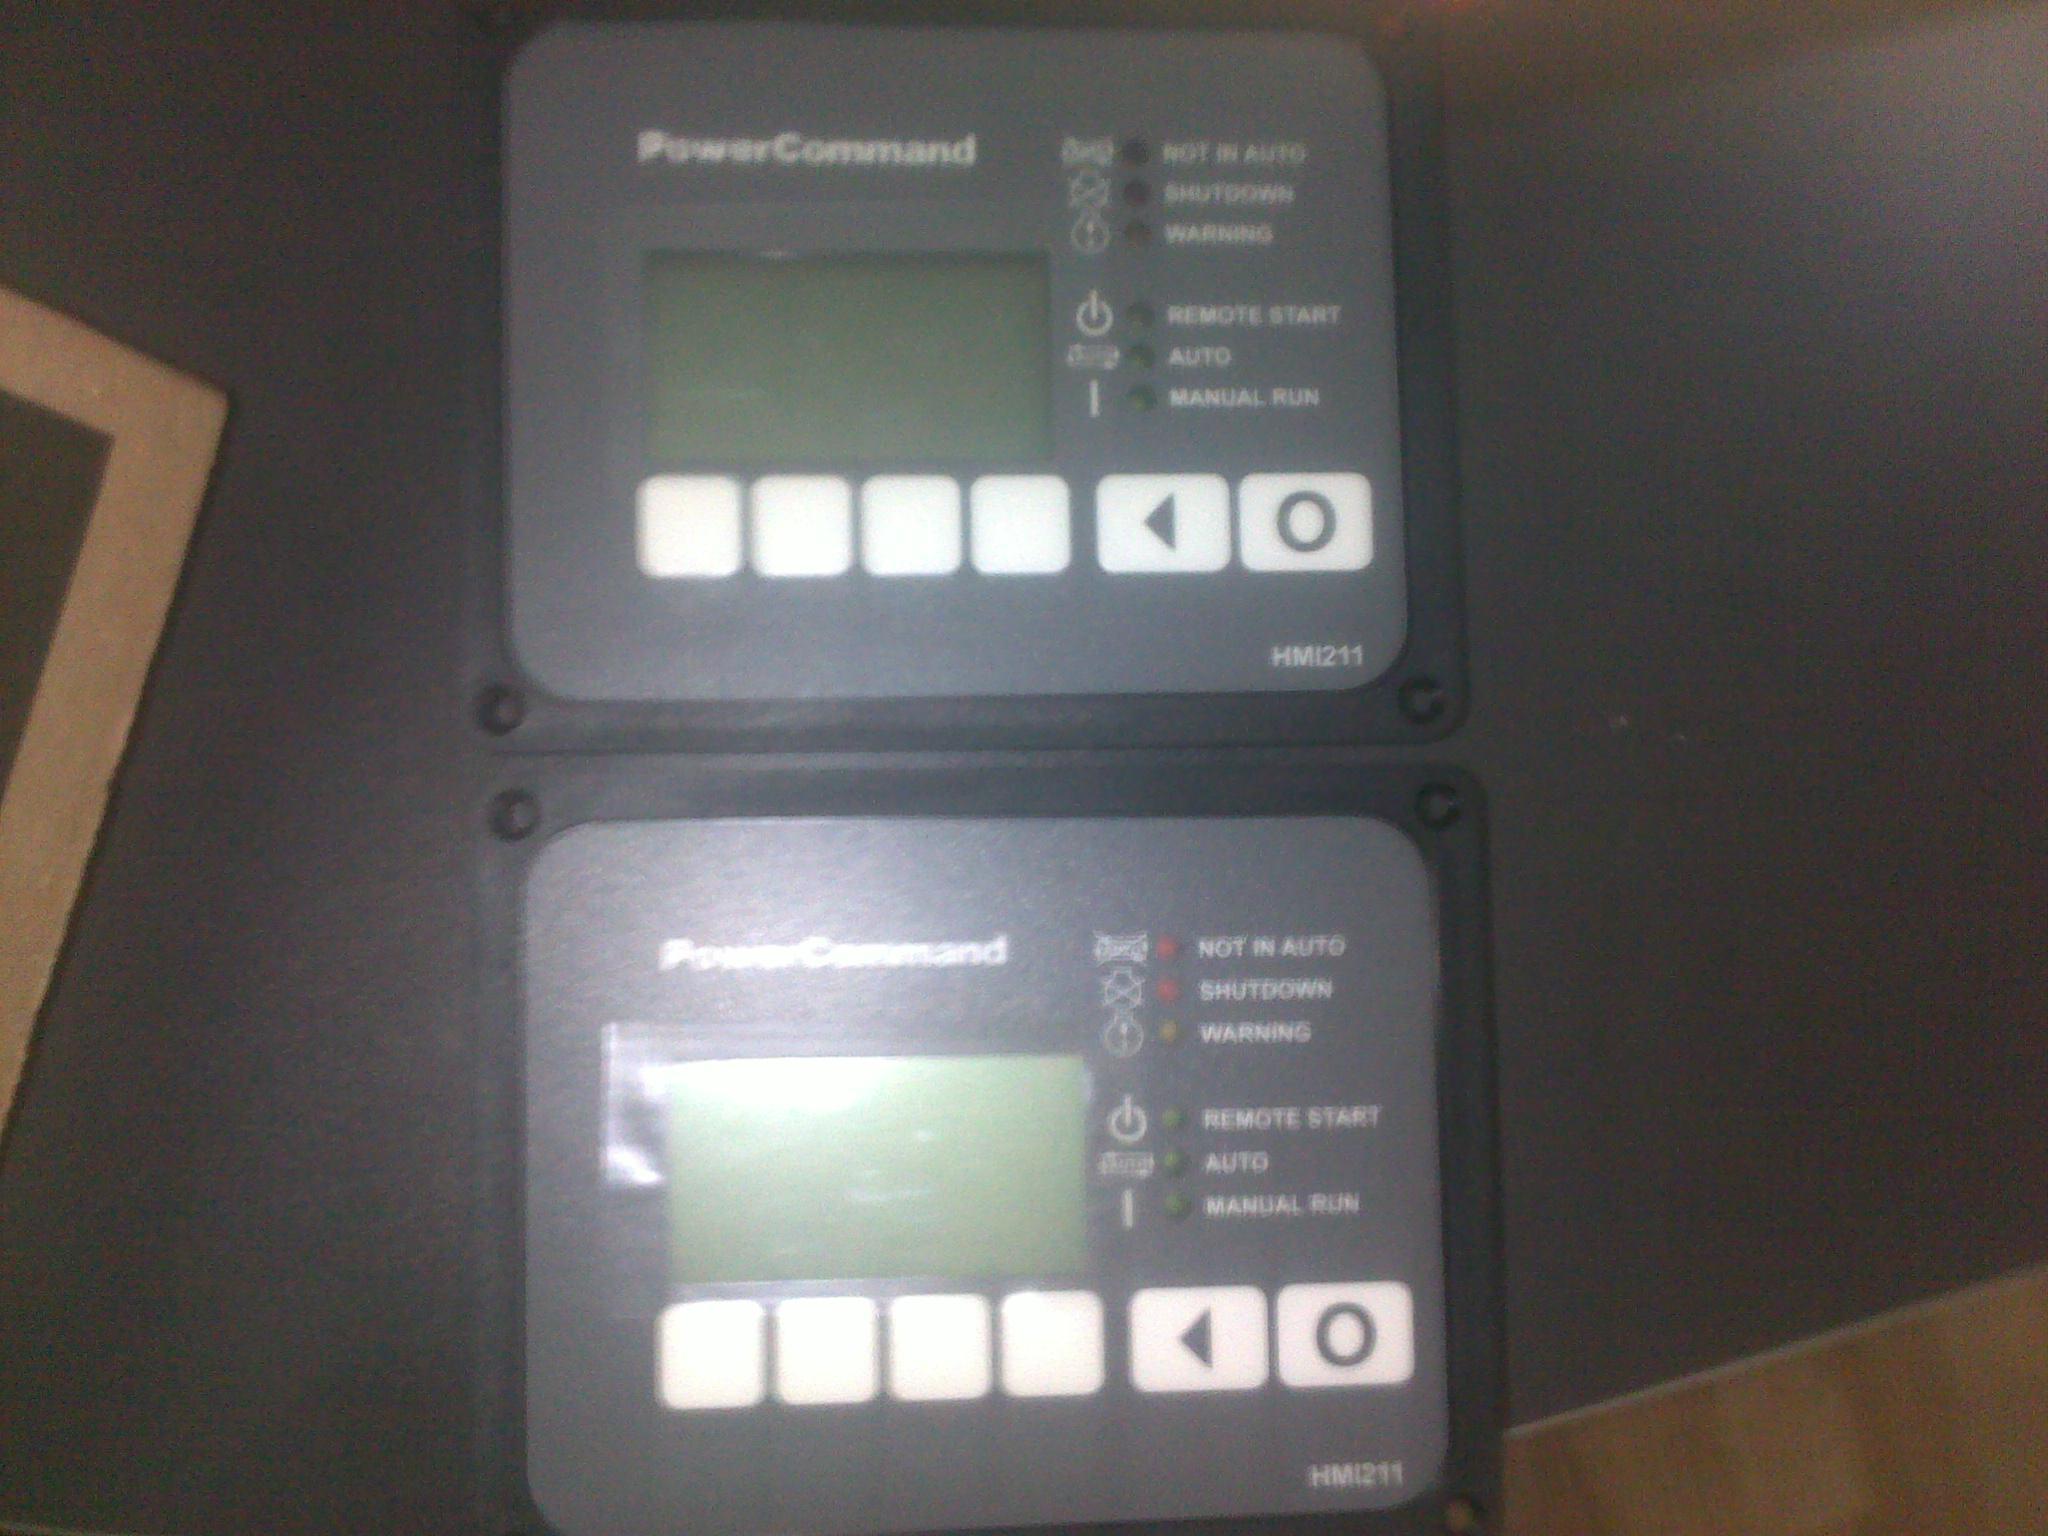 柴油发电机控制系统pcc1301 3031734 效 高清图片